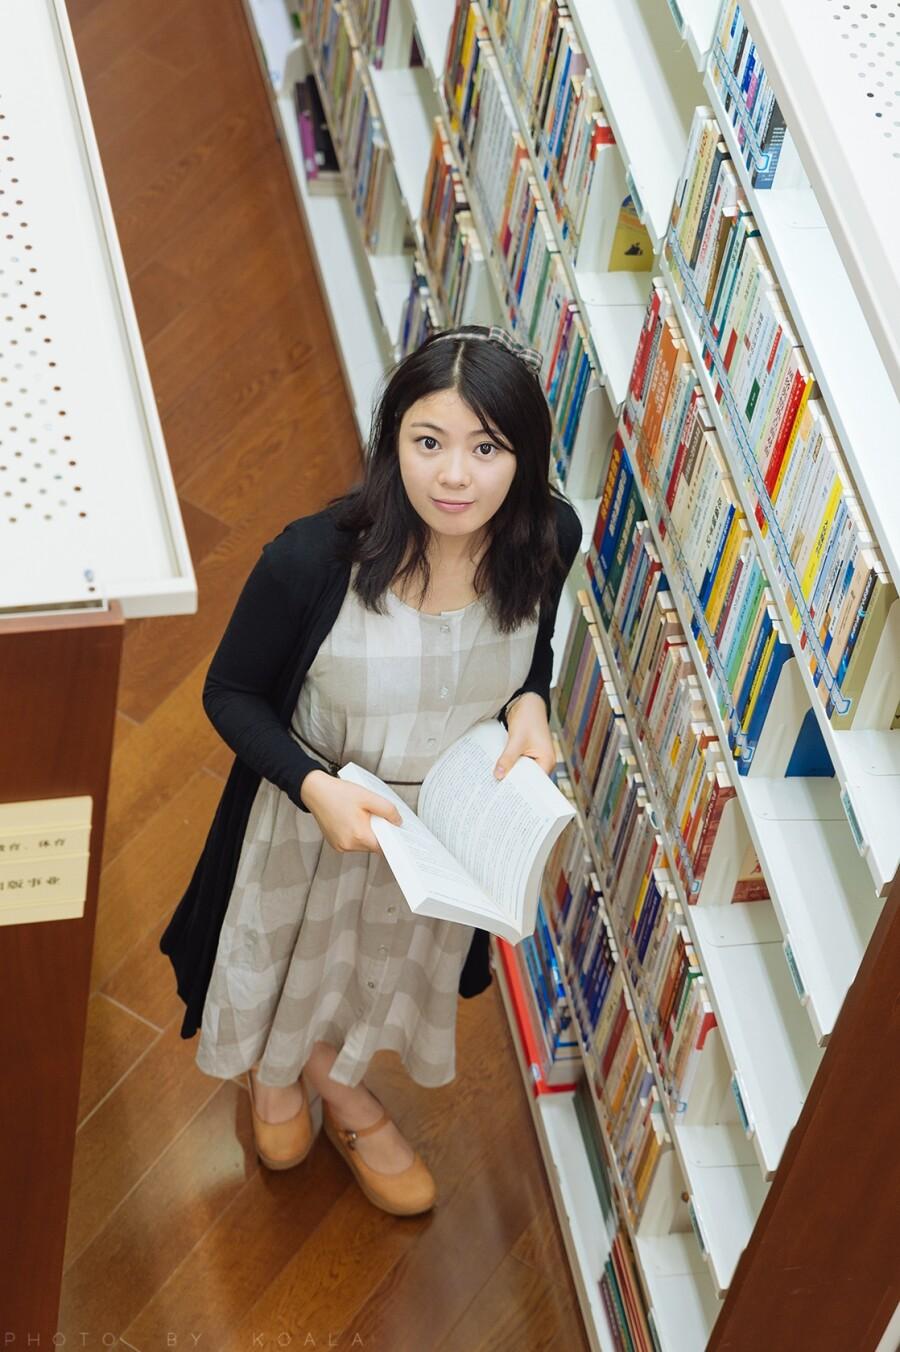 读书的女人最美 - 春色满园 - 春色满园